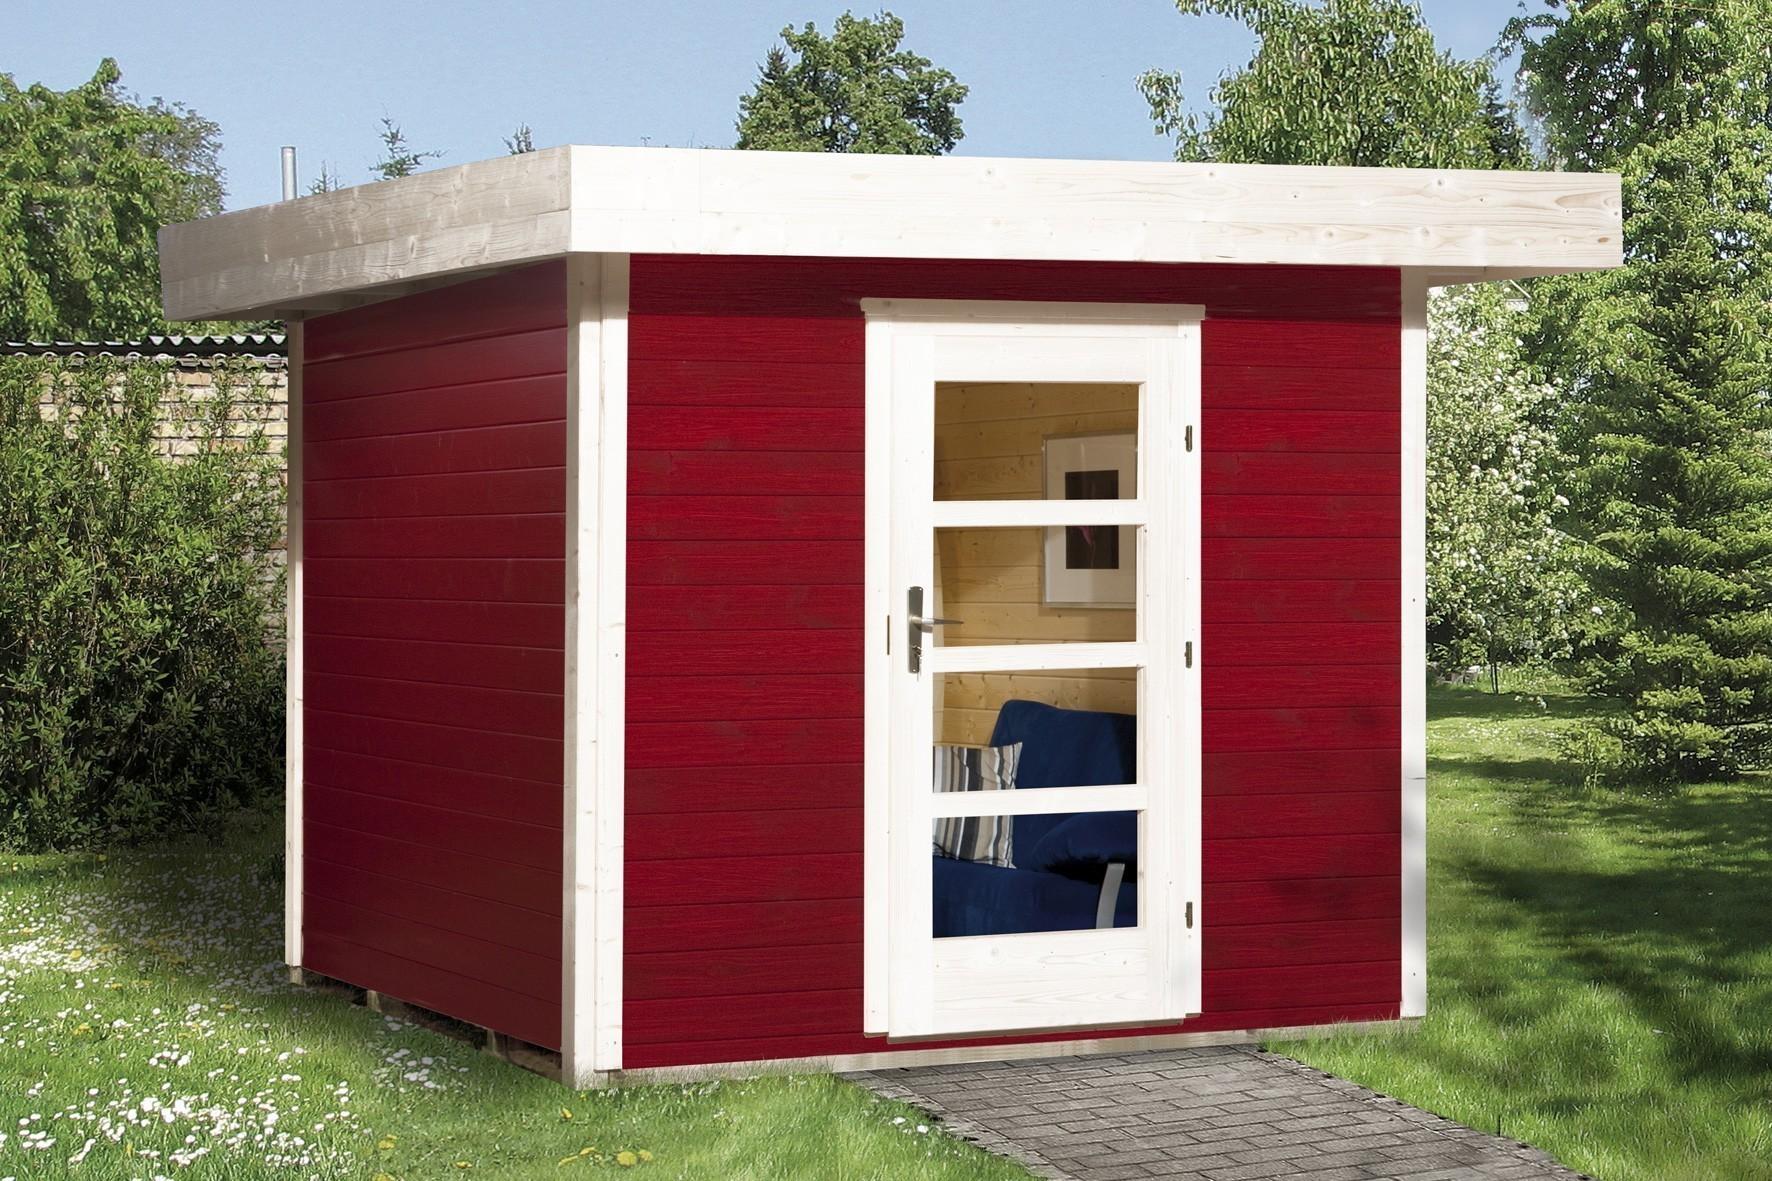 Gartenhaus 28mm weka Designhaus 172 Gr. 1 rot 280x311cm VD 50cm Bild 1